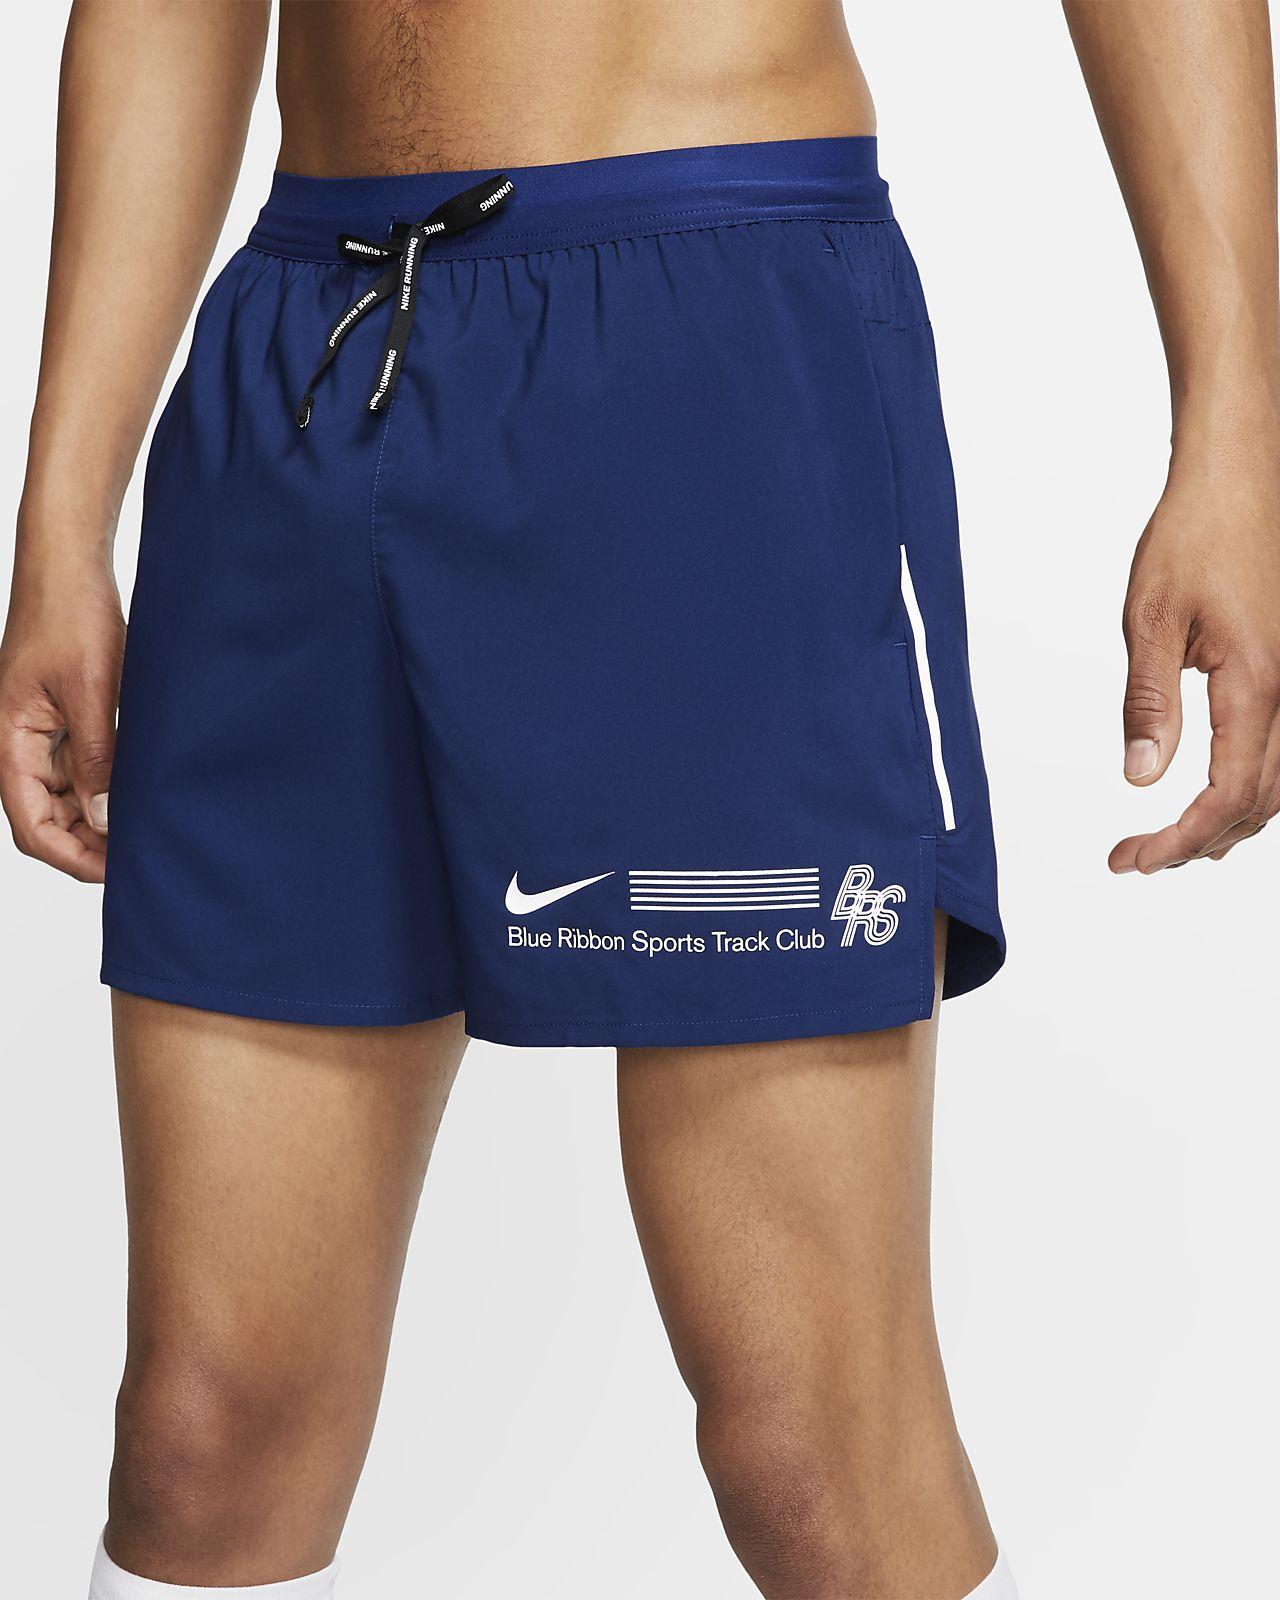 Calções de running forrados de 13 cm Nike Flex Stride BRS para homem